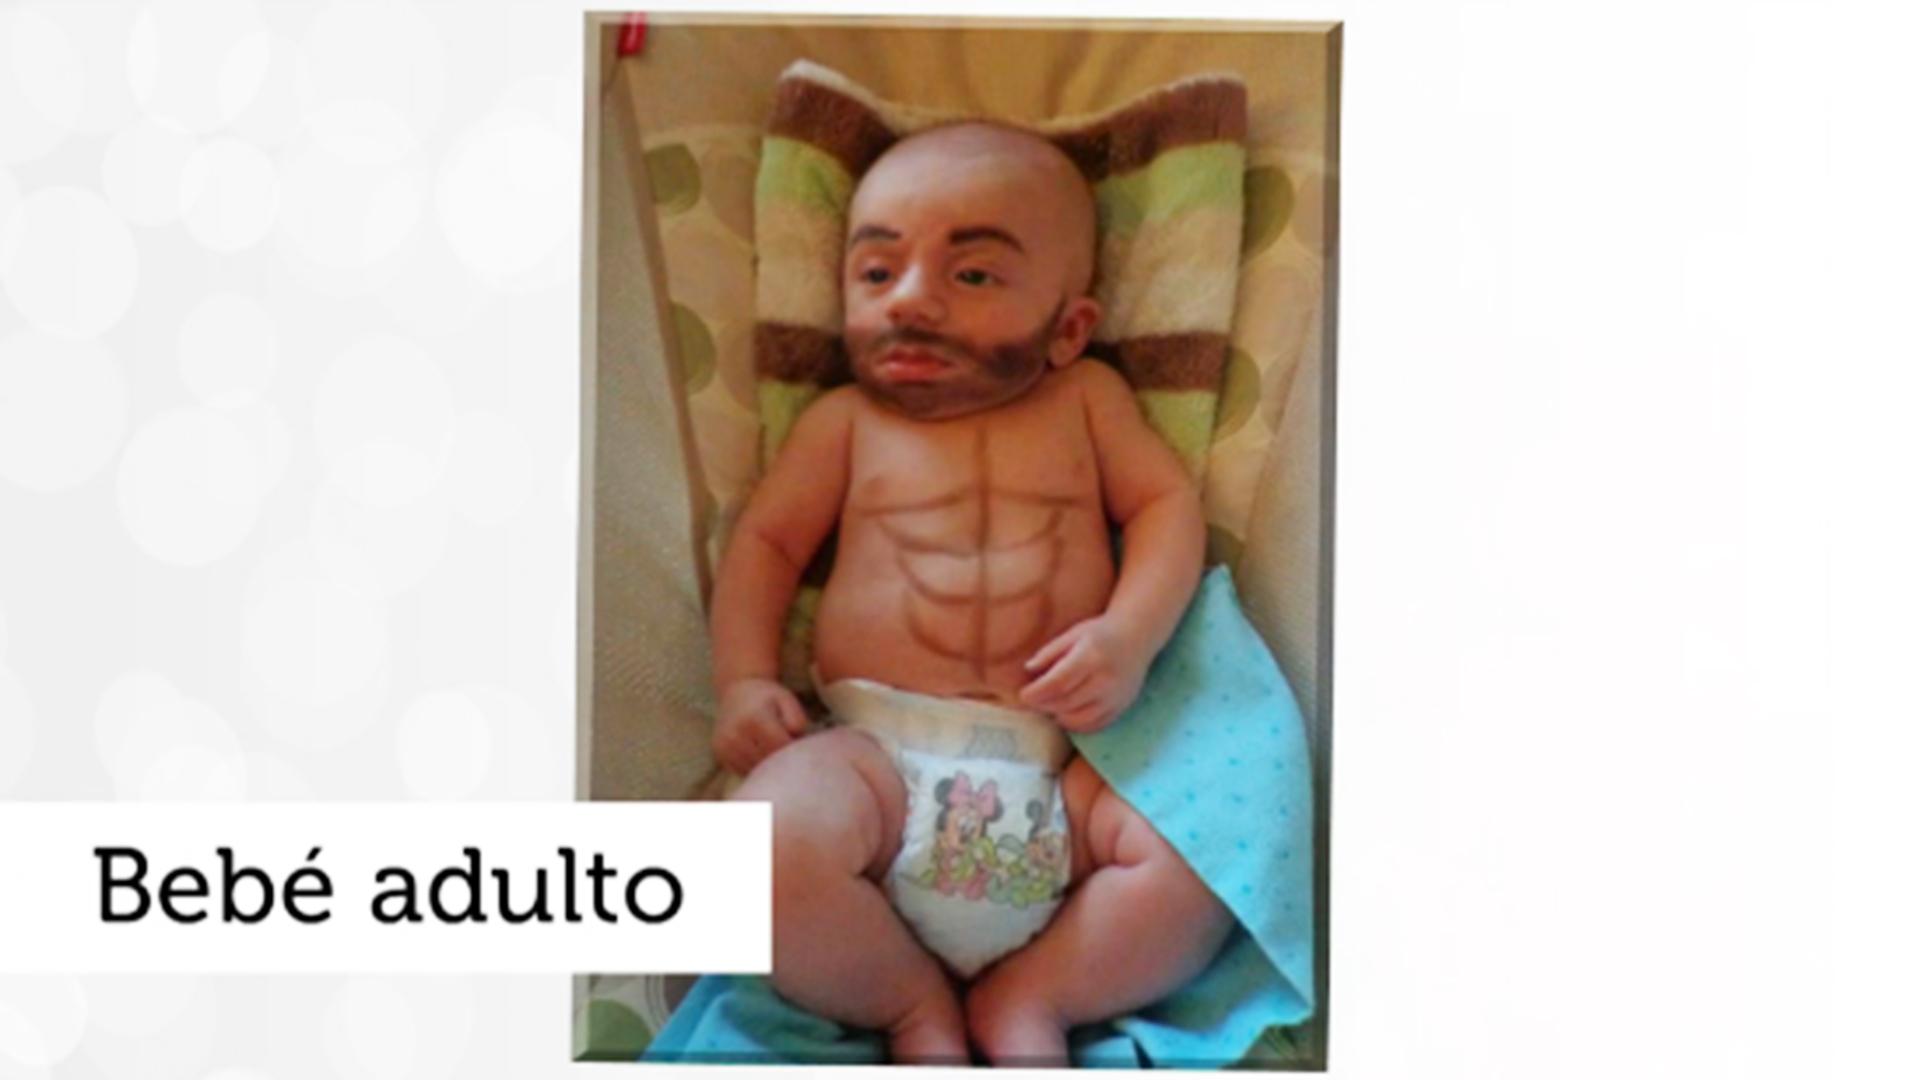 Los disfraces de beb para halloween donald trump ser for Fotos originales de bebes para hacer en casa